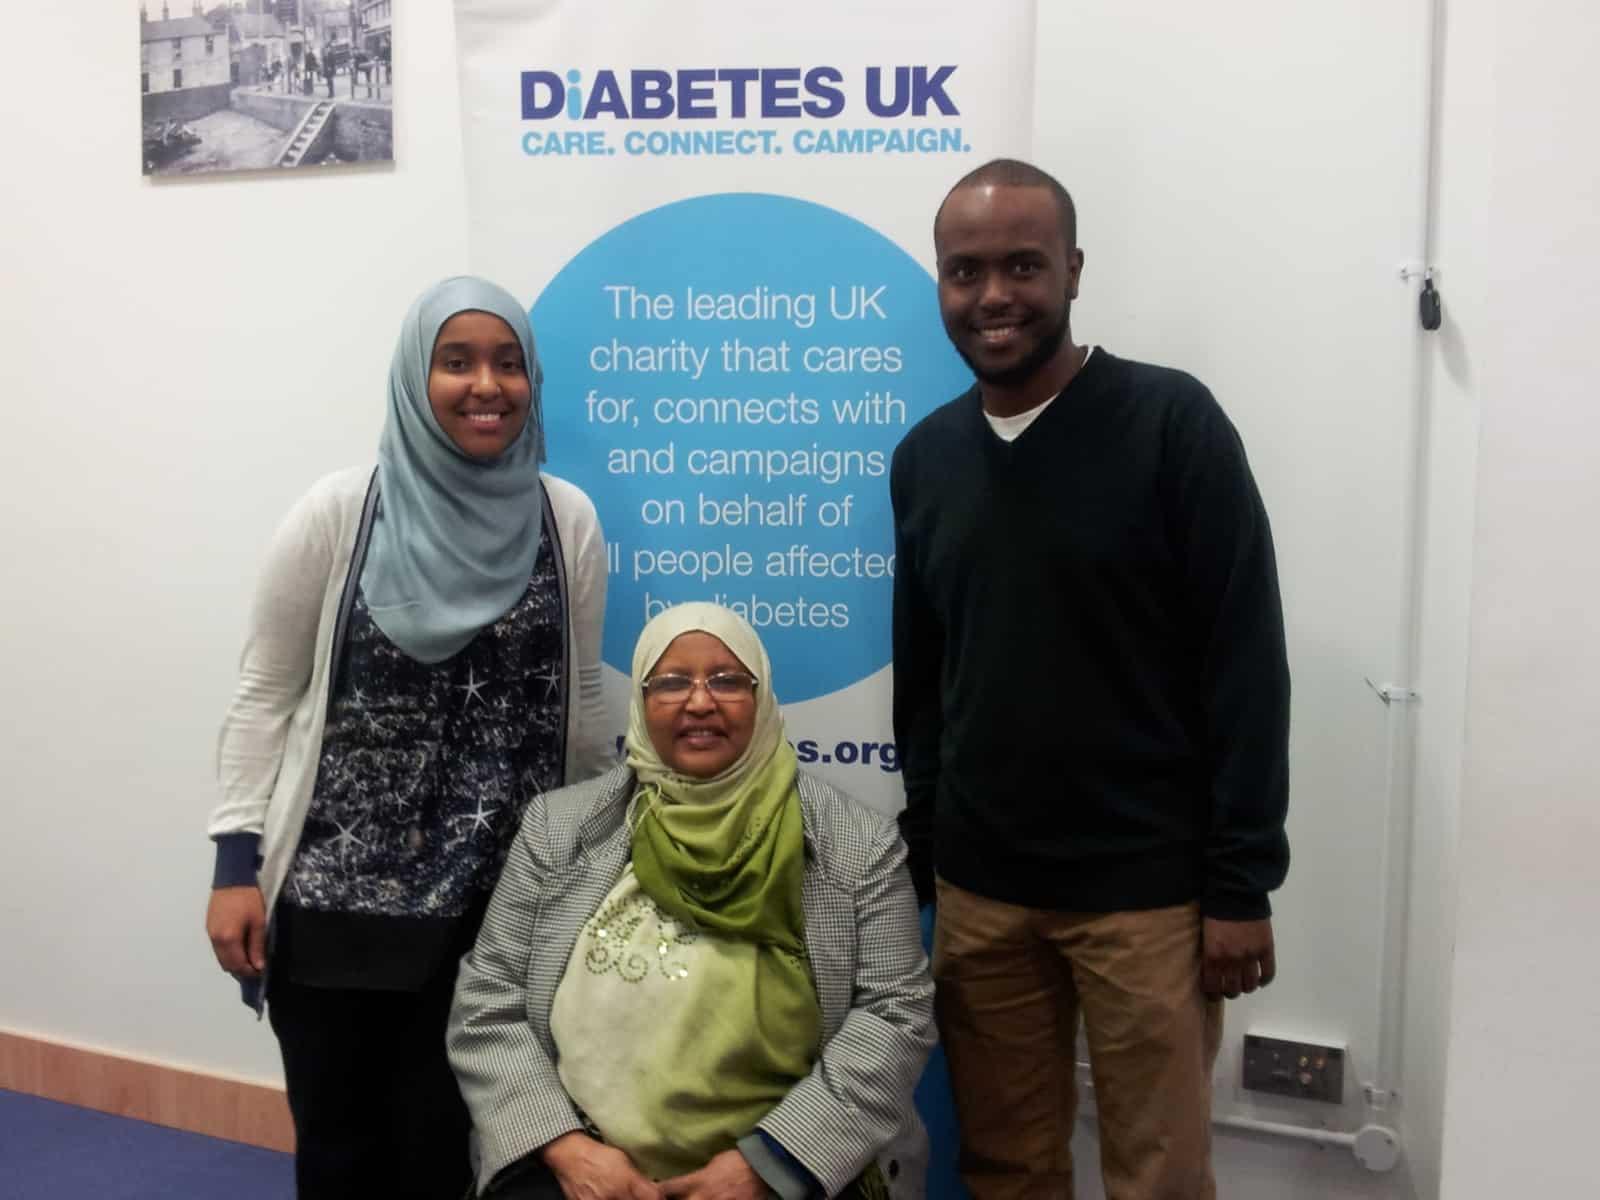 diabetesukand ramadan